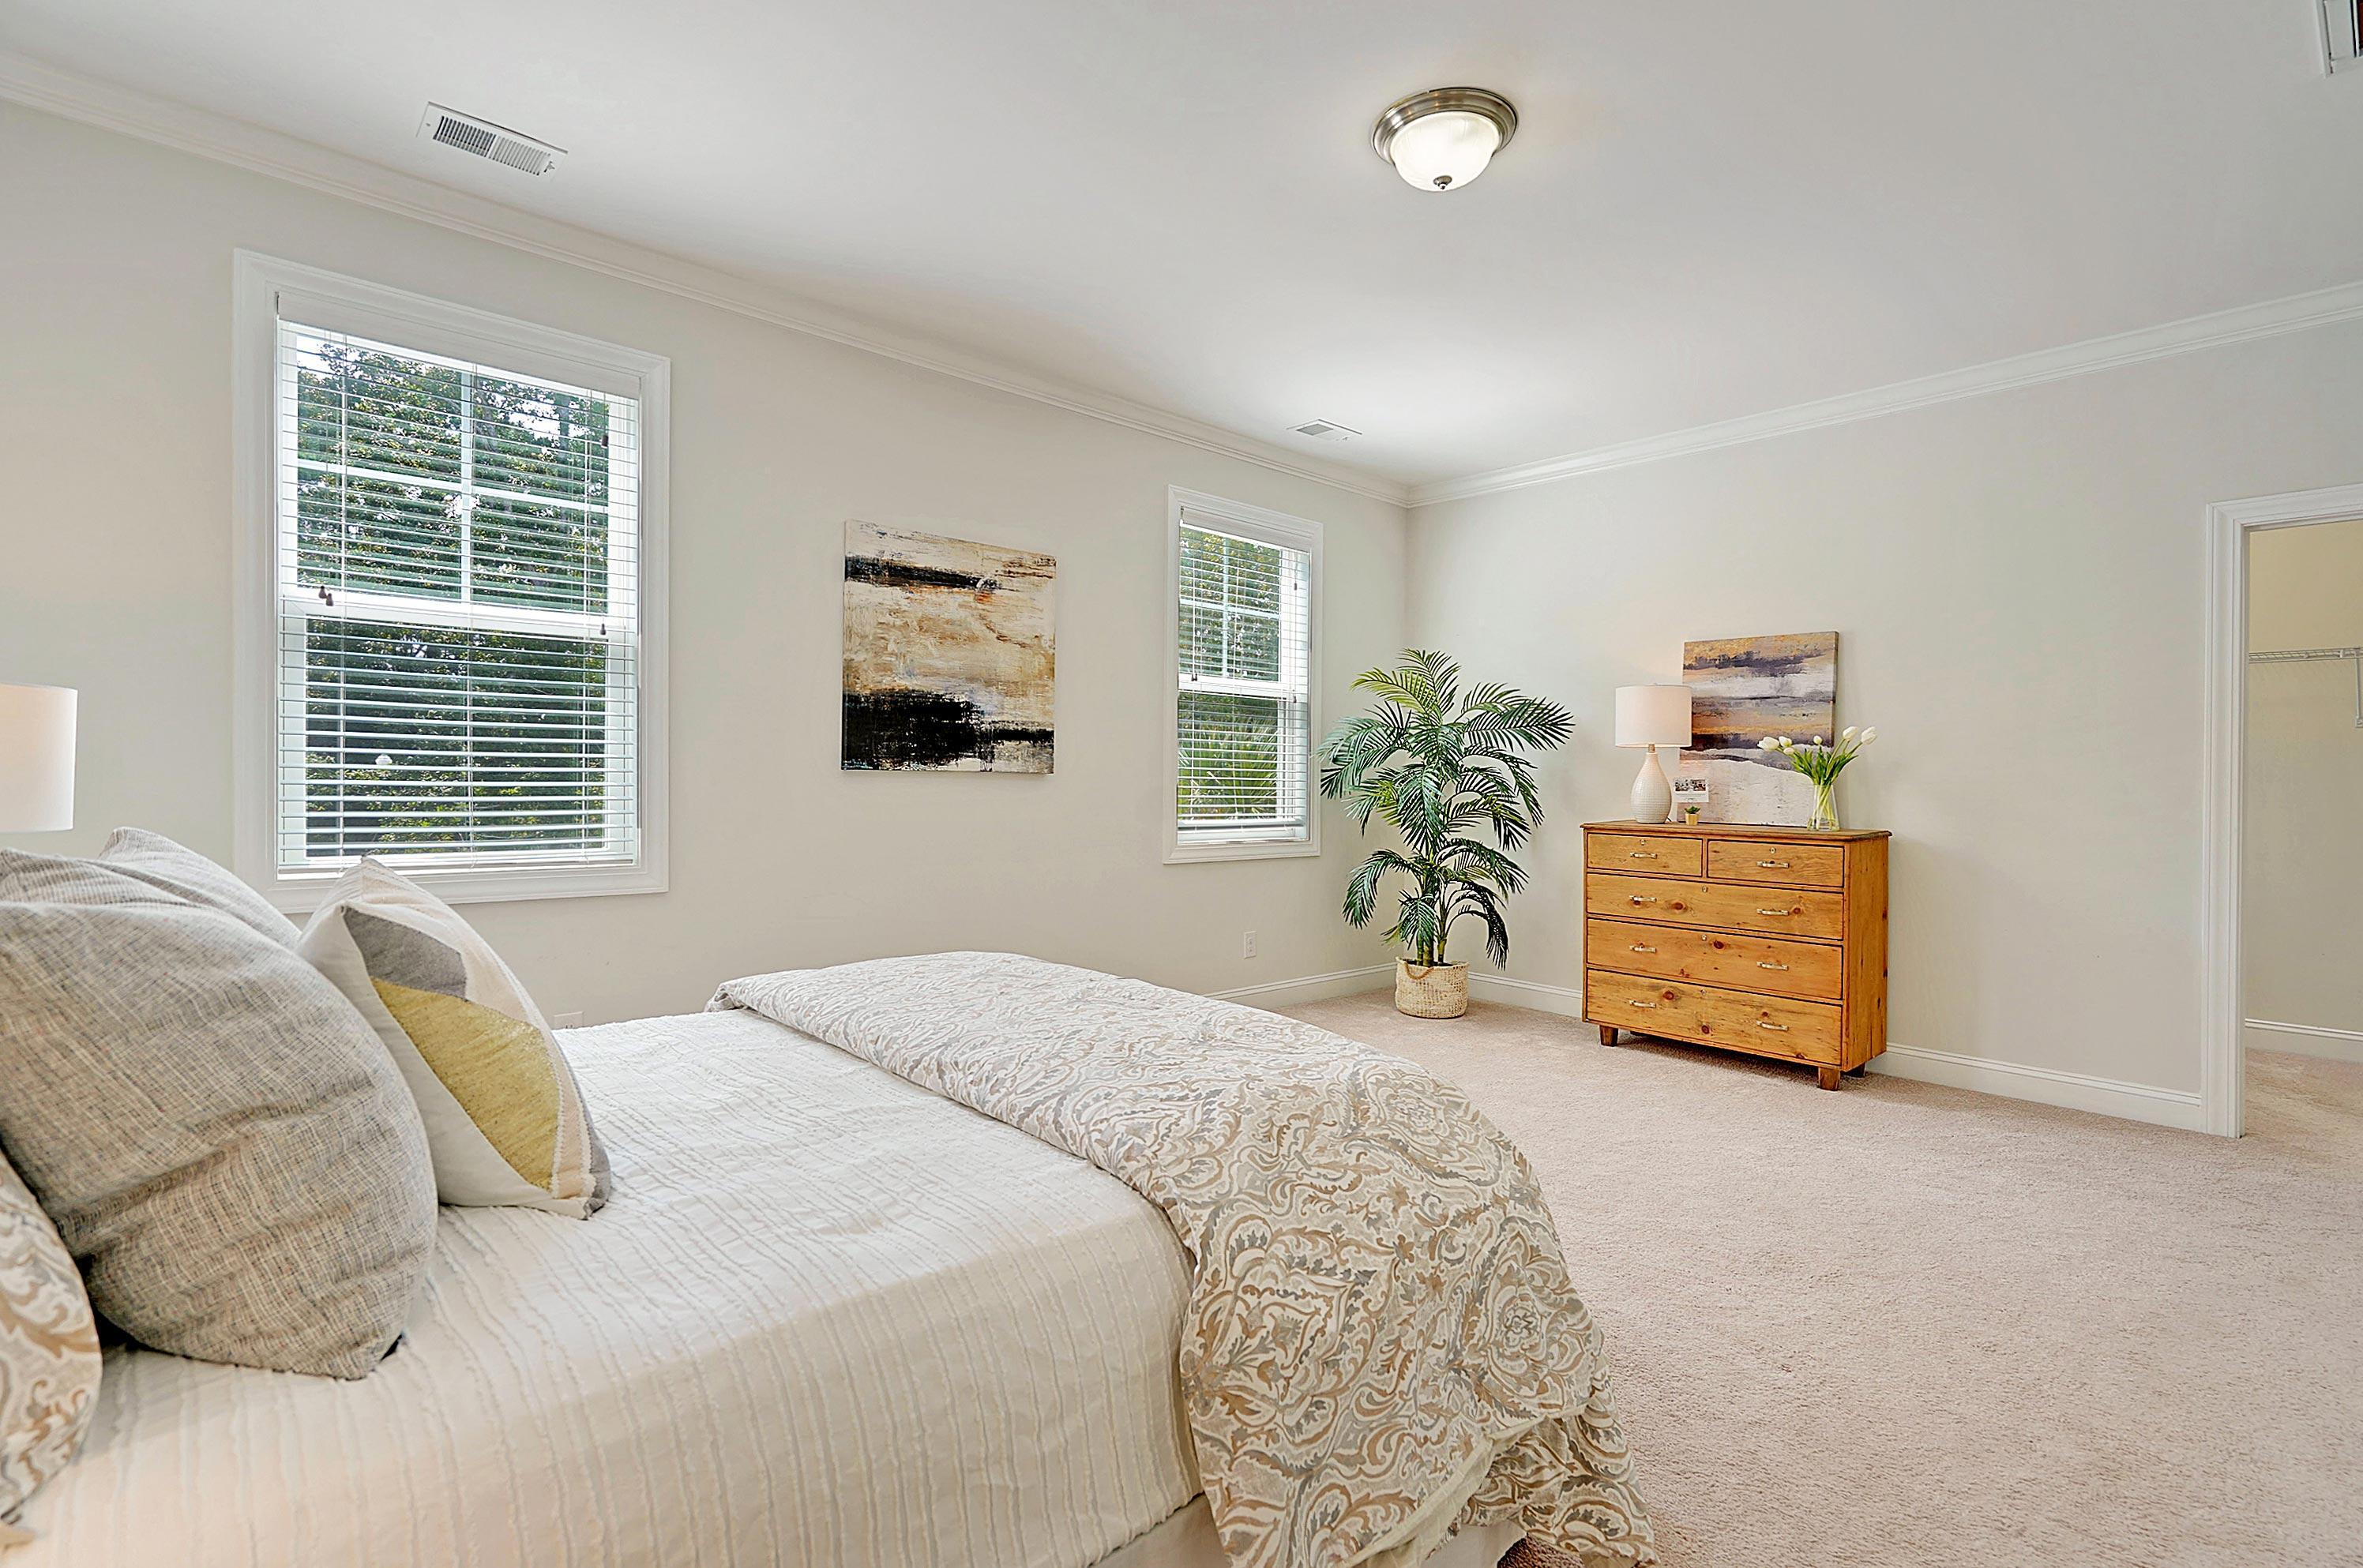 Park West Homes For Sale - 1638 Mermentau, Mount Pleasant, SC - 3